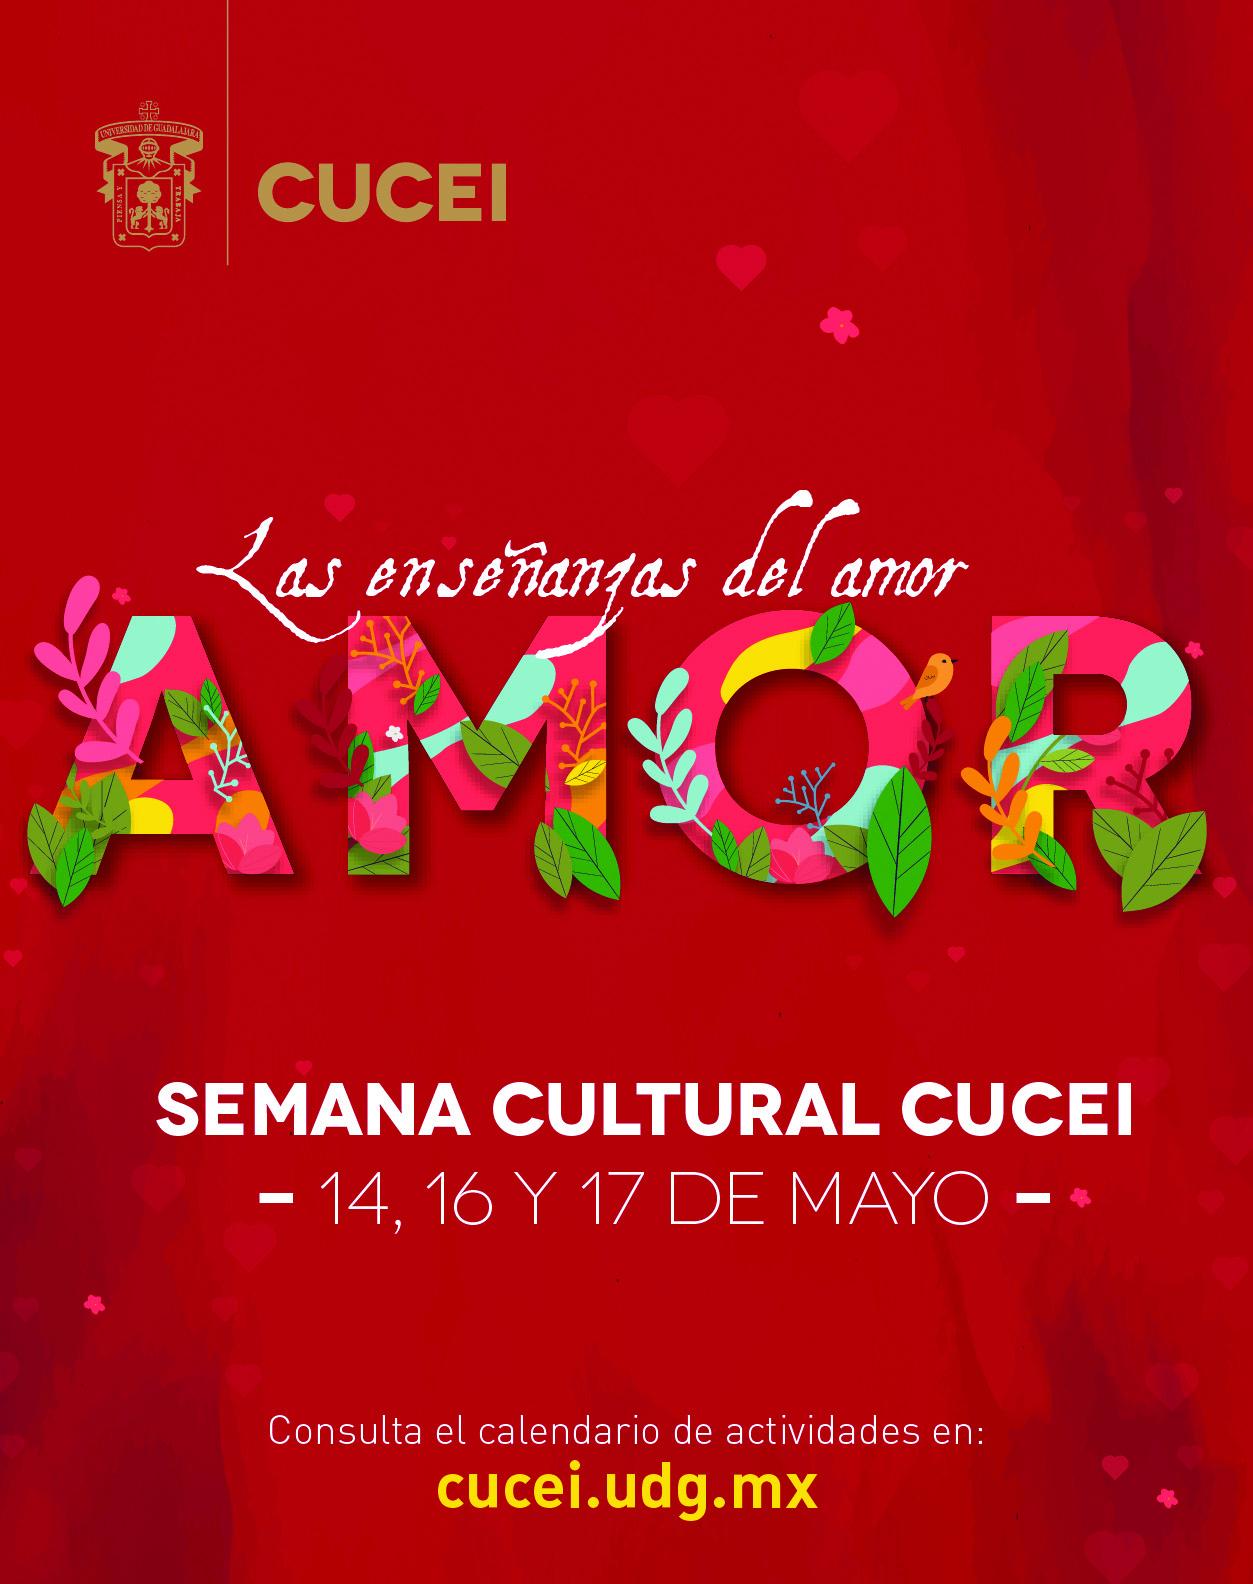 """Cartel informativo de la Semana Cultural CUCEI """"Las ensañanzas del amor"""". A desarrollarse el 14, 16 y 17 de mayo, en el Centro Universitario de Ciencias Exactas e Ingenierías (CUCEI)"""